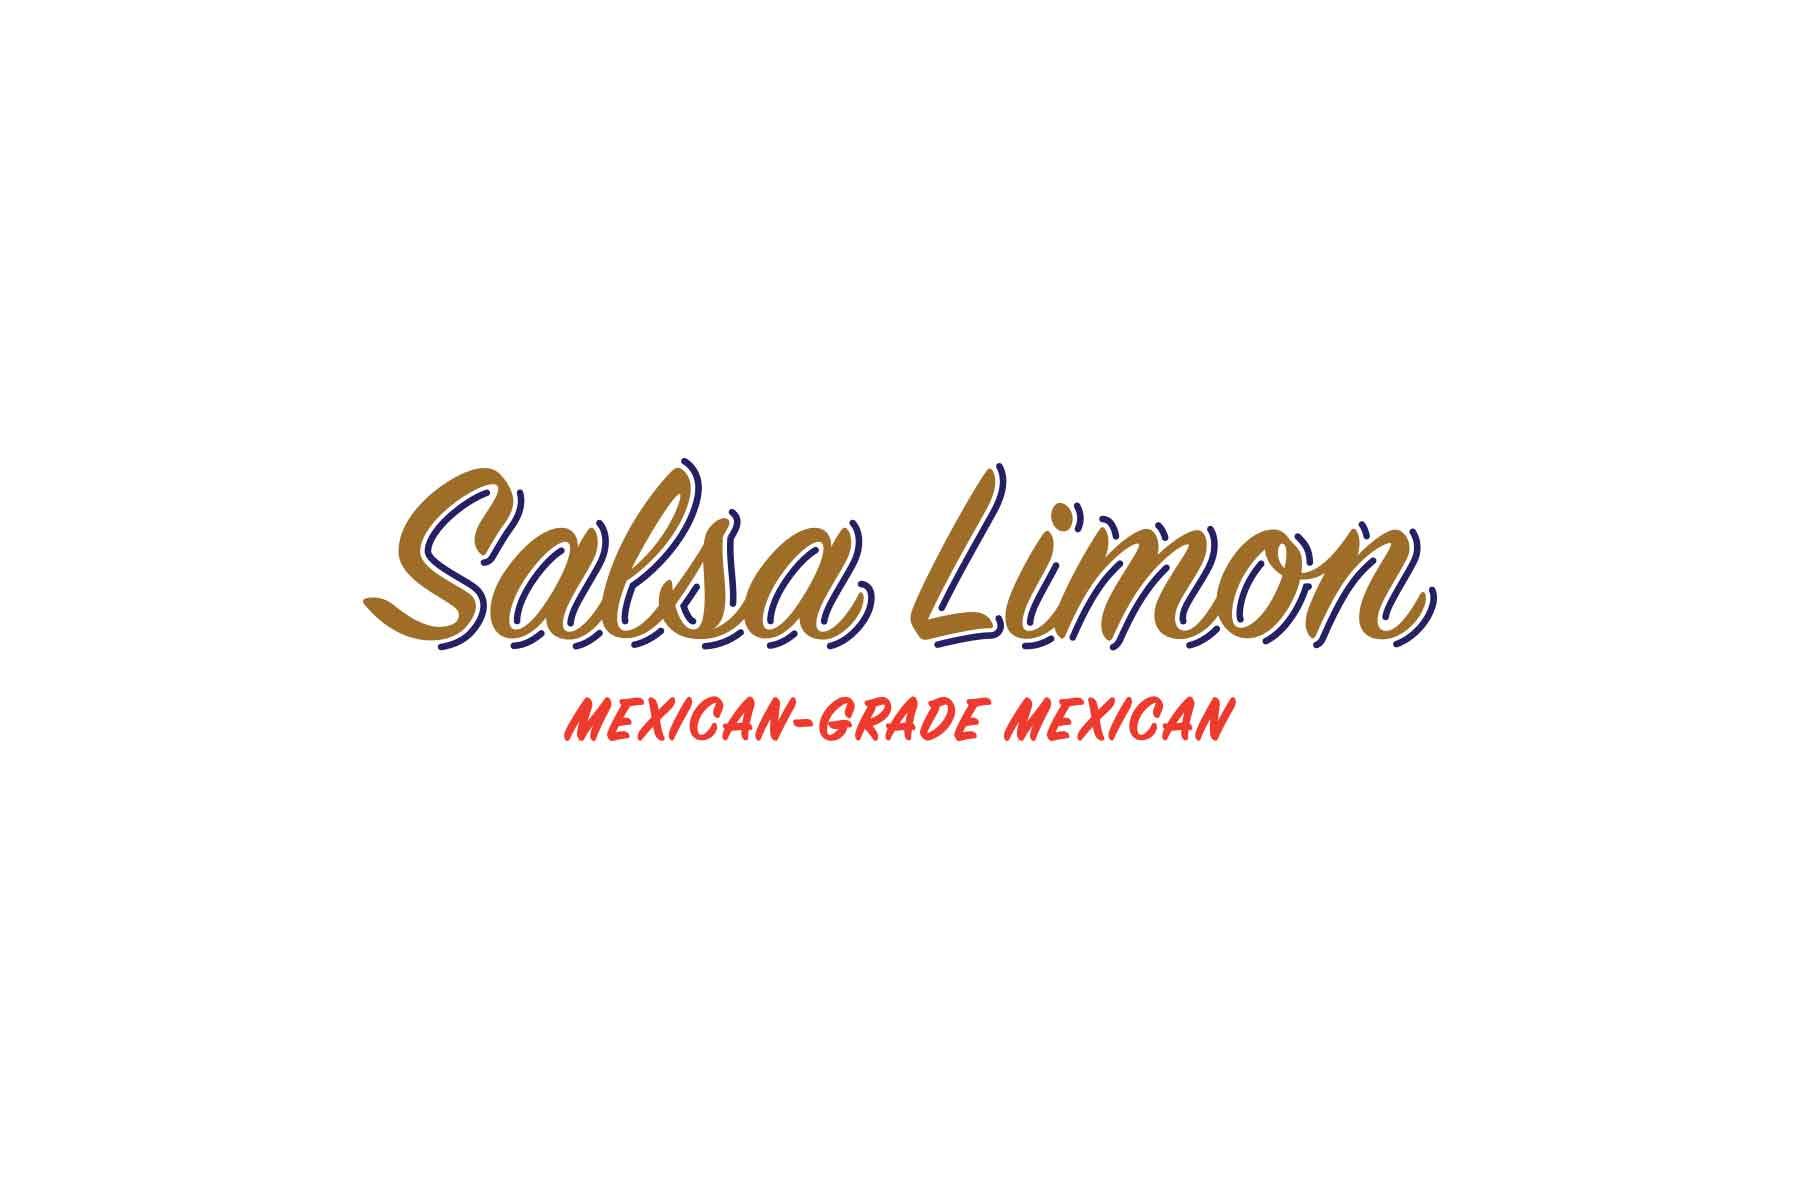 Salsa Limon